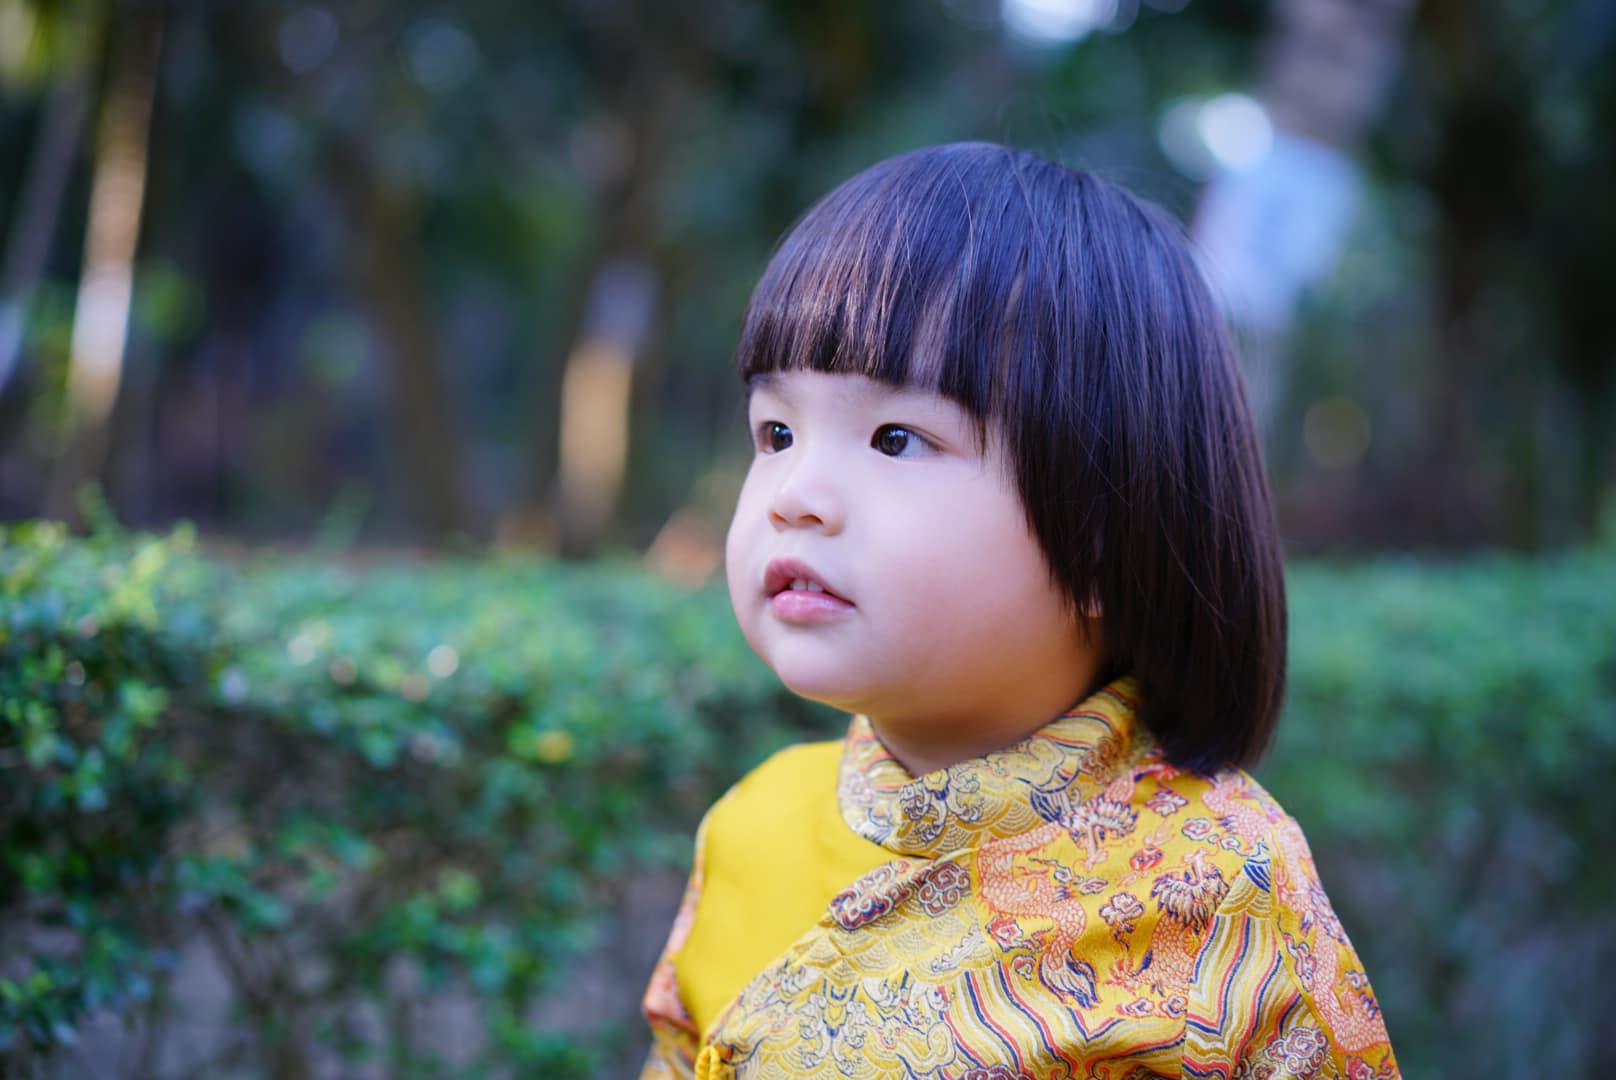 Diễn viên Lê Khánh cho con trai để tóc dài như con gái, lạ nhất là câu trả lời khi có người hỏi giới tính của con Ảnh 6